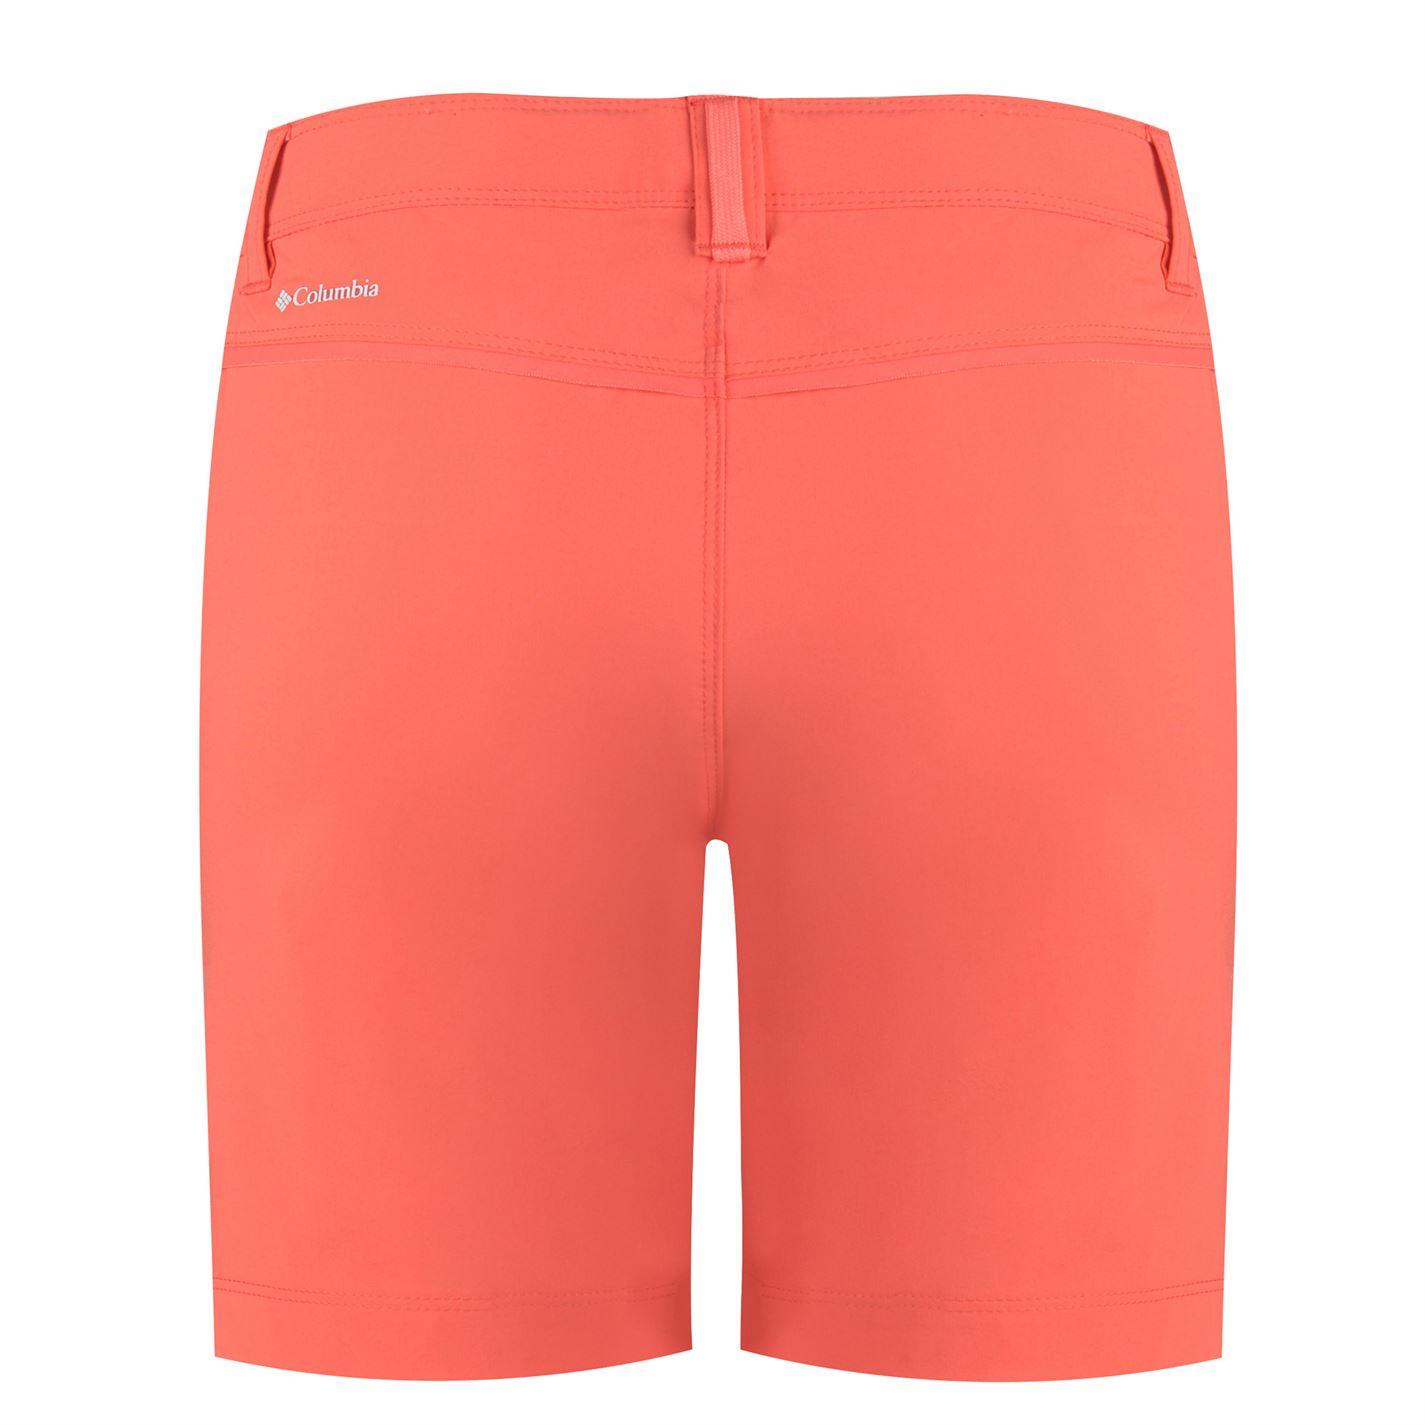 Pantaloni scurti Columbia Peak pentru Femei rosu coral